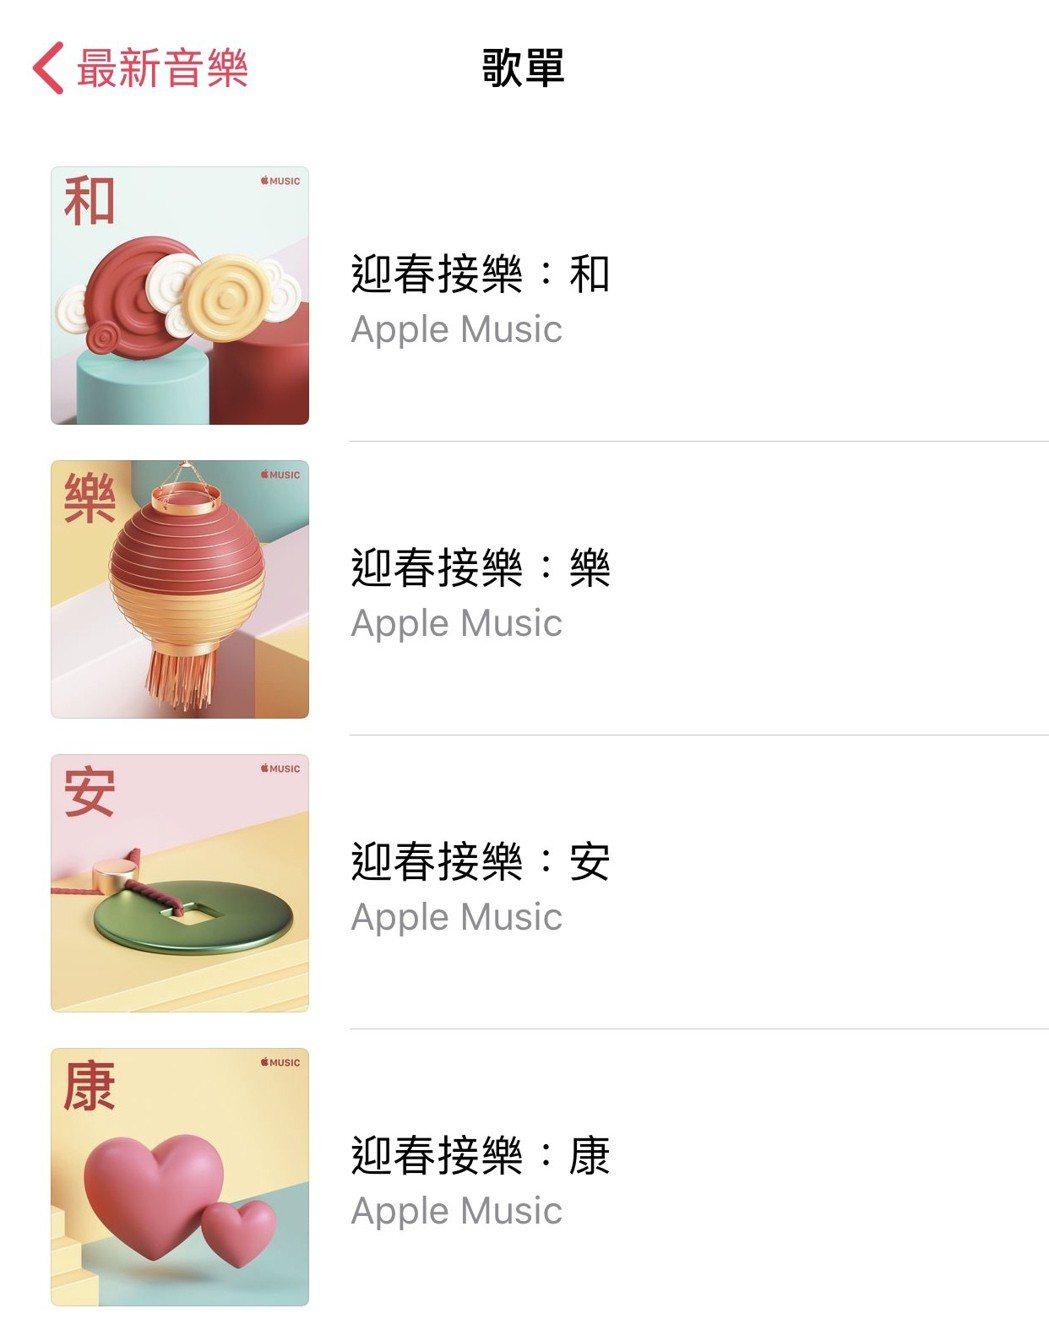 Apple Music年前準備了「迎春接樂」音樂福袋,將陸續推出8組應景歌單。圖...